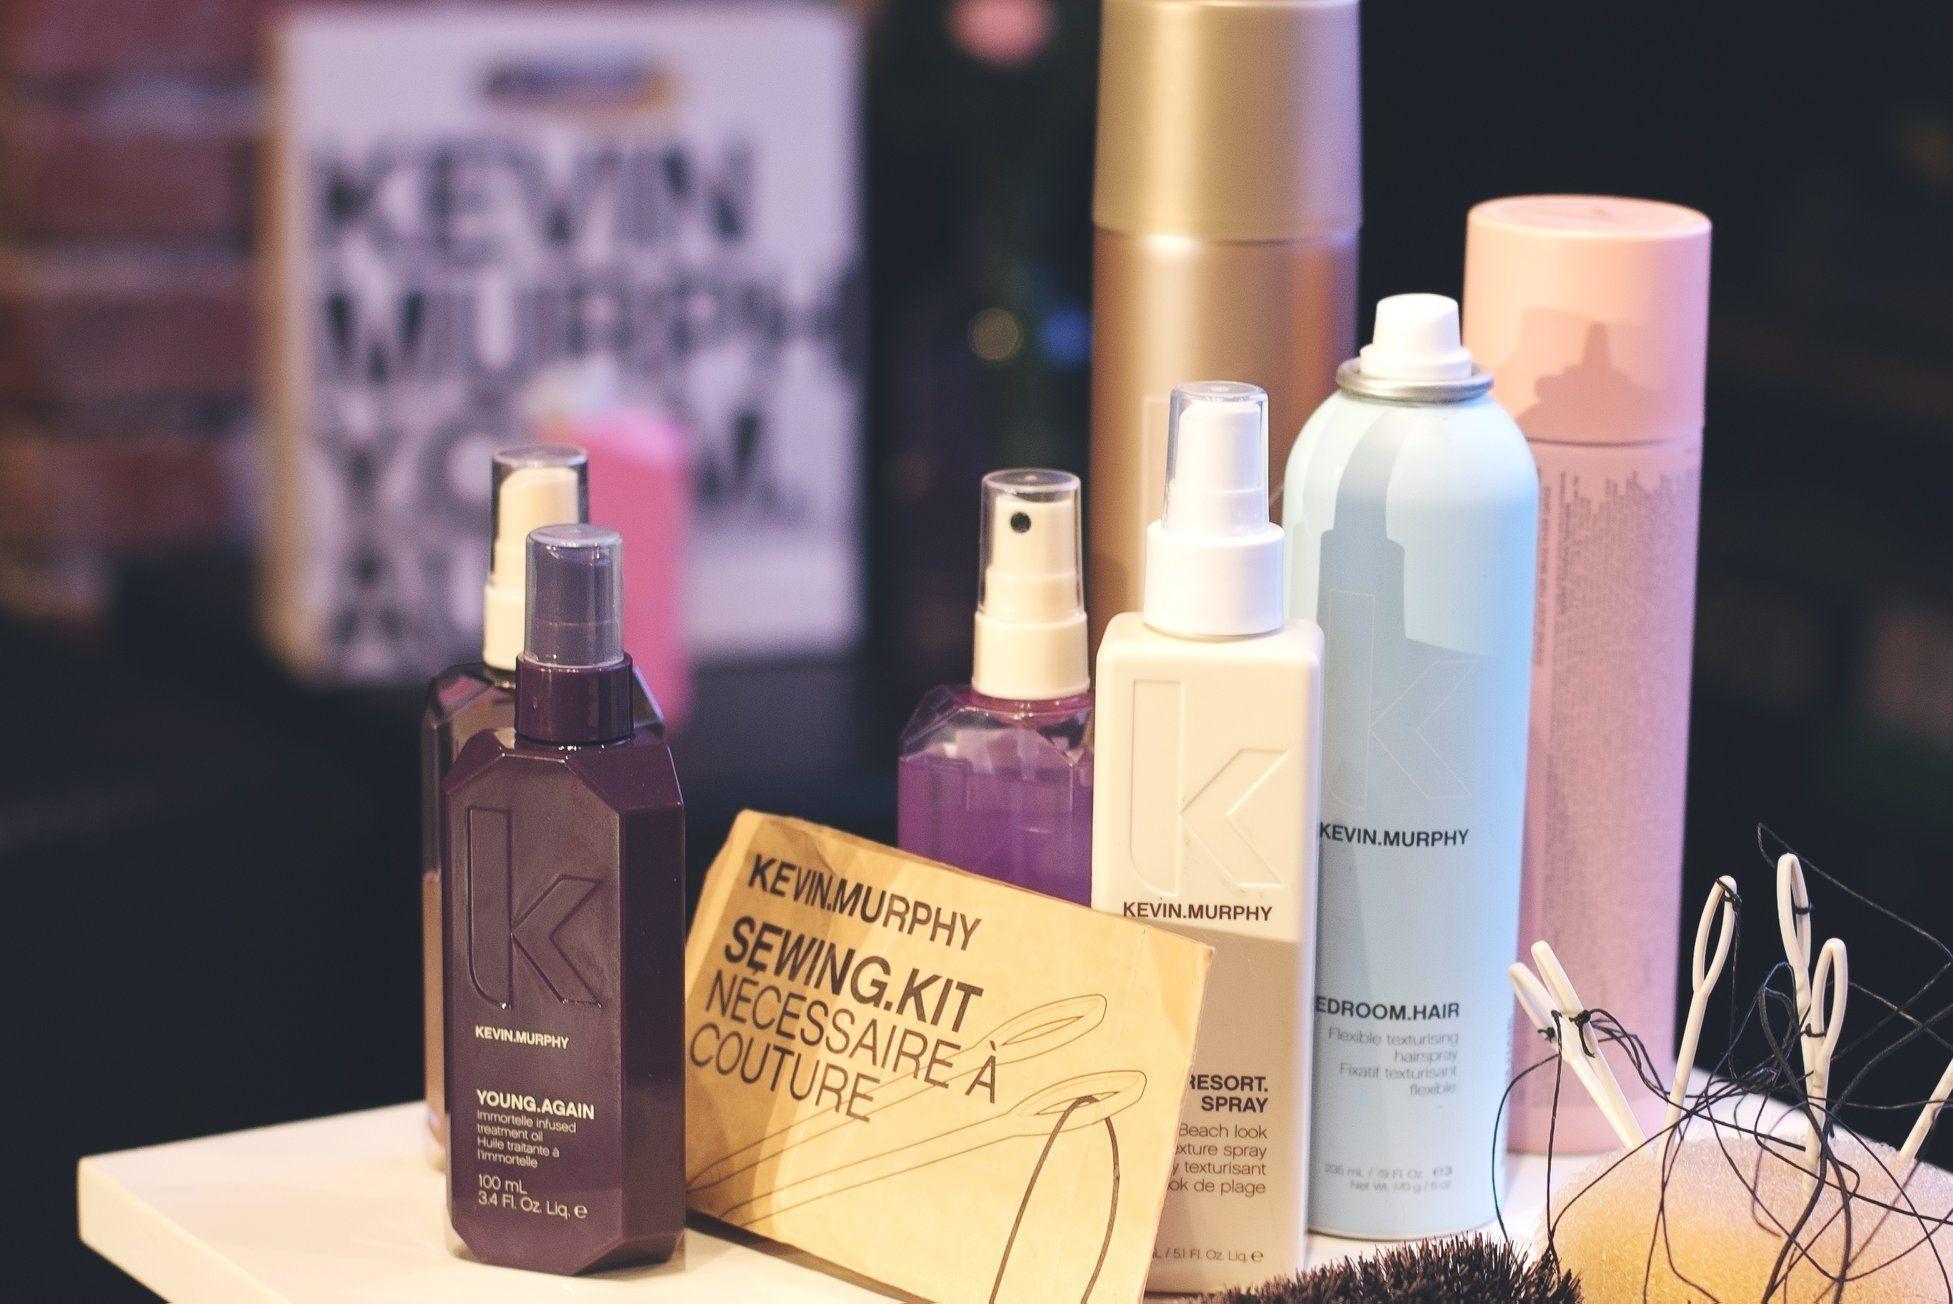 Lansarea produselor de skincare pentru par, Kevin Murphy